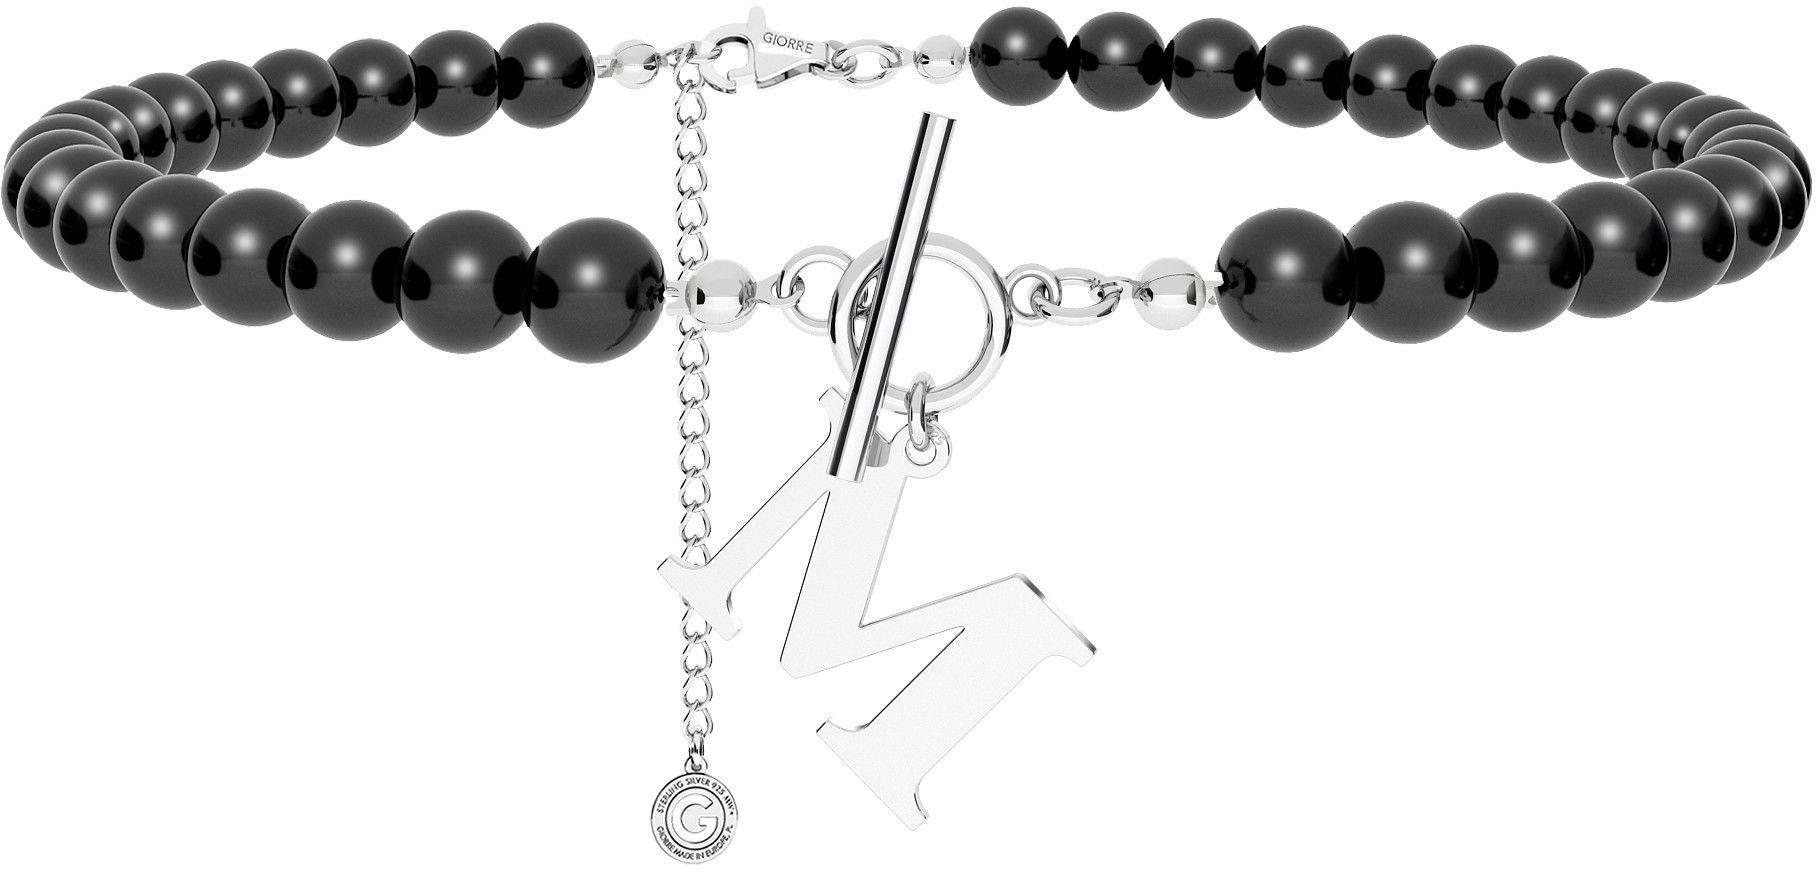 Czarny perłowy choker z dowolną literą, Swarovski, srebro 925 : Litera - M, Srebro - kolor pokrycia - Pokrycie platyną